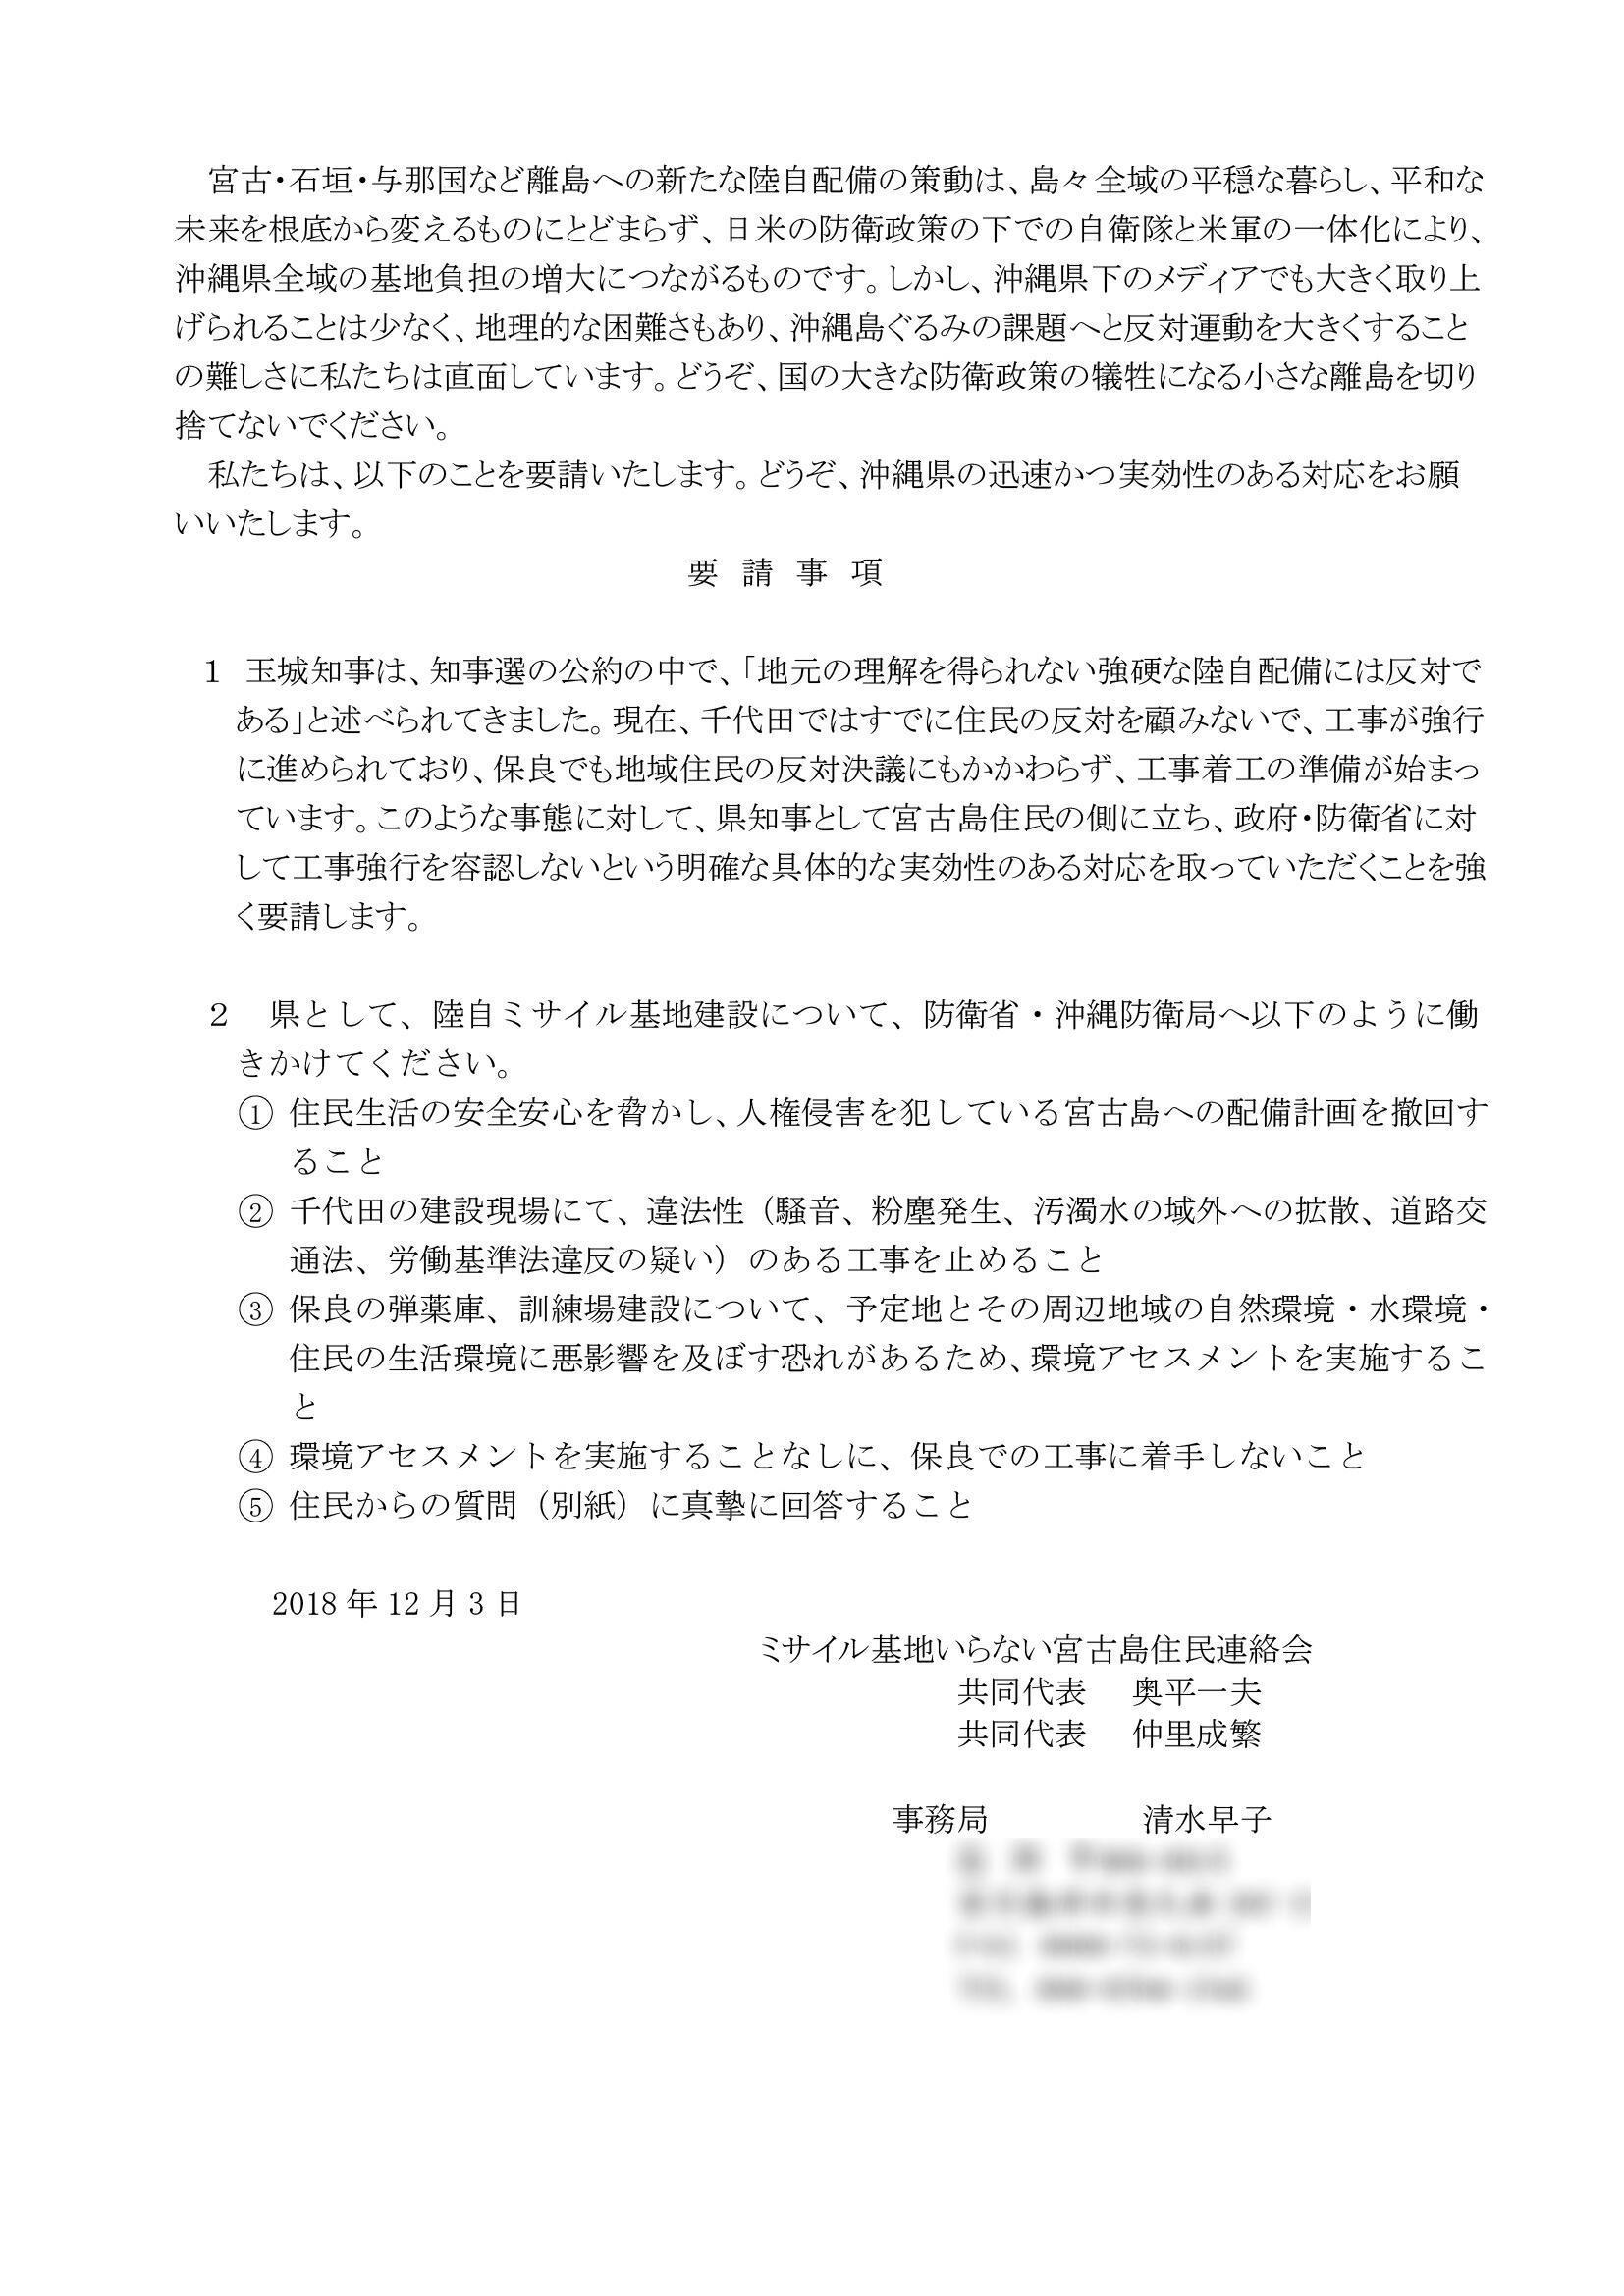 県知事要請文1812030002a